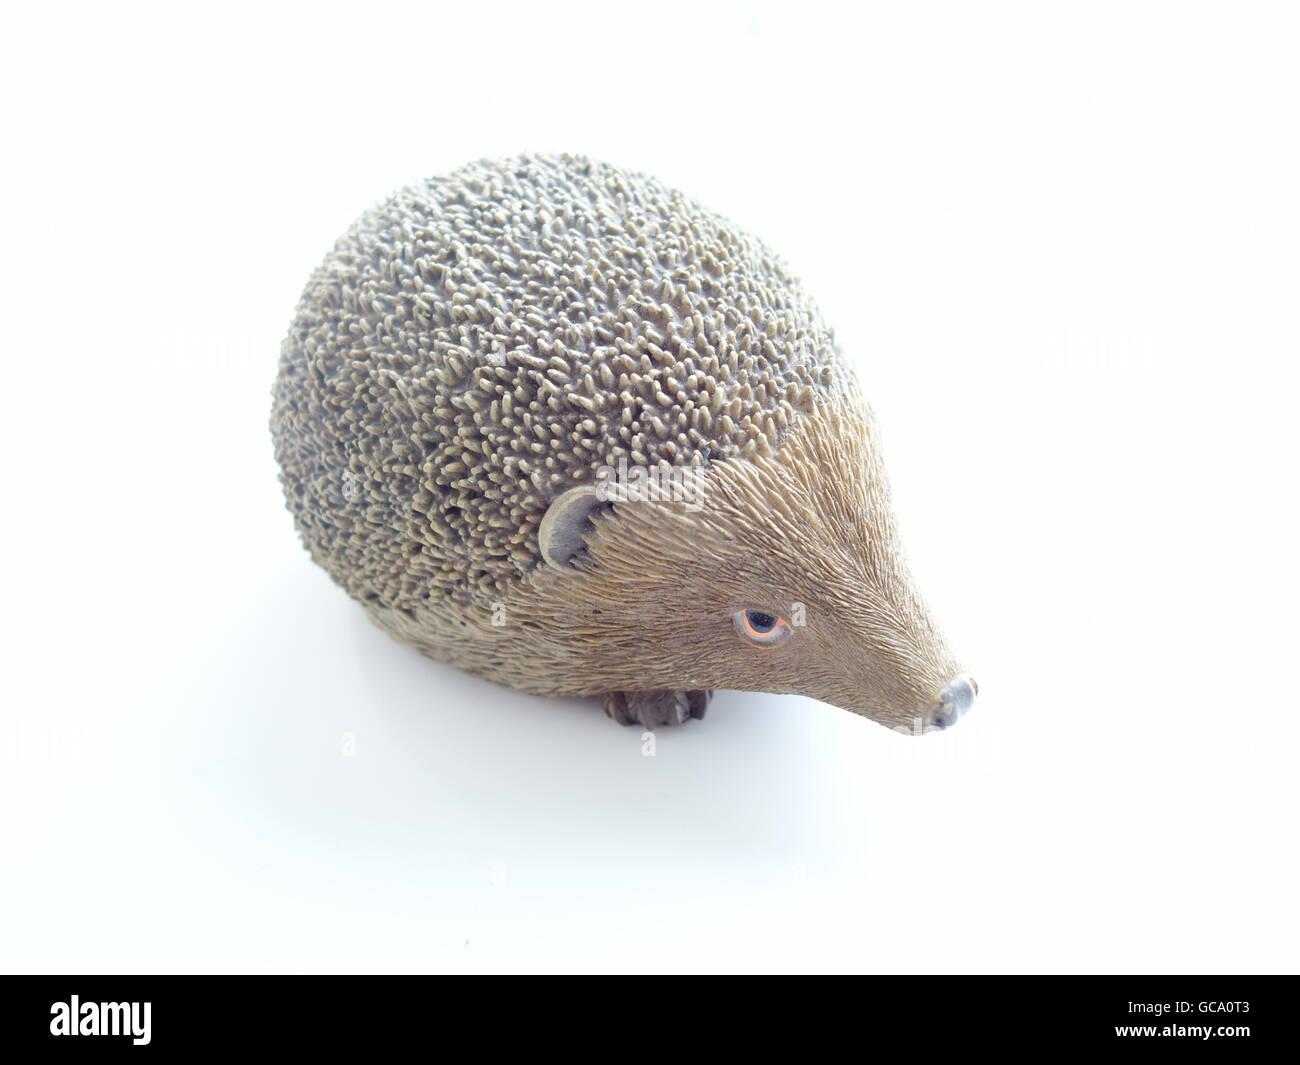 A pottery ceramic hedgehog - Stock Image